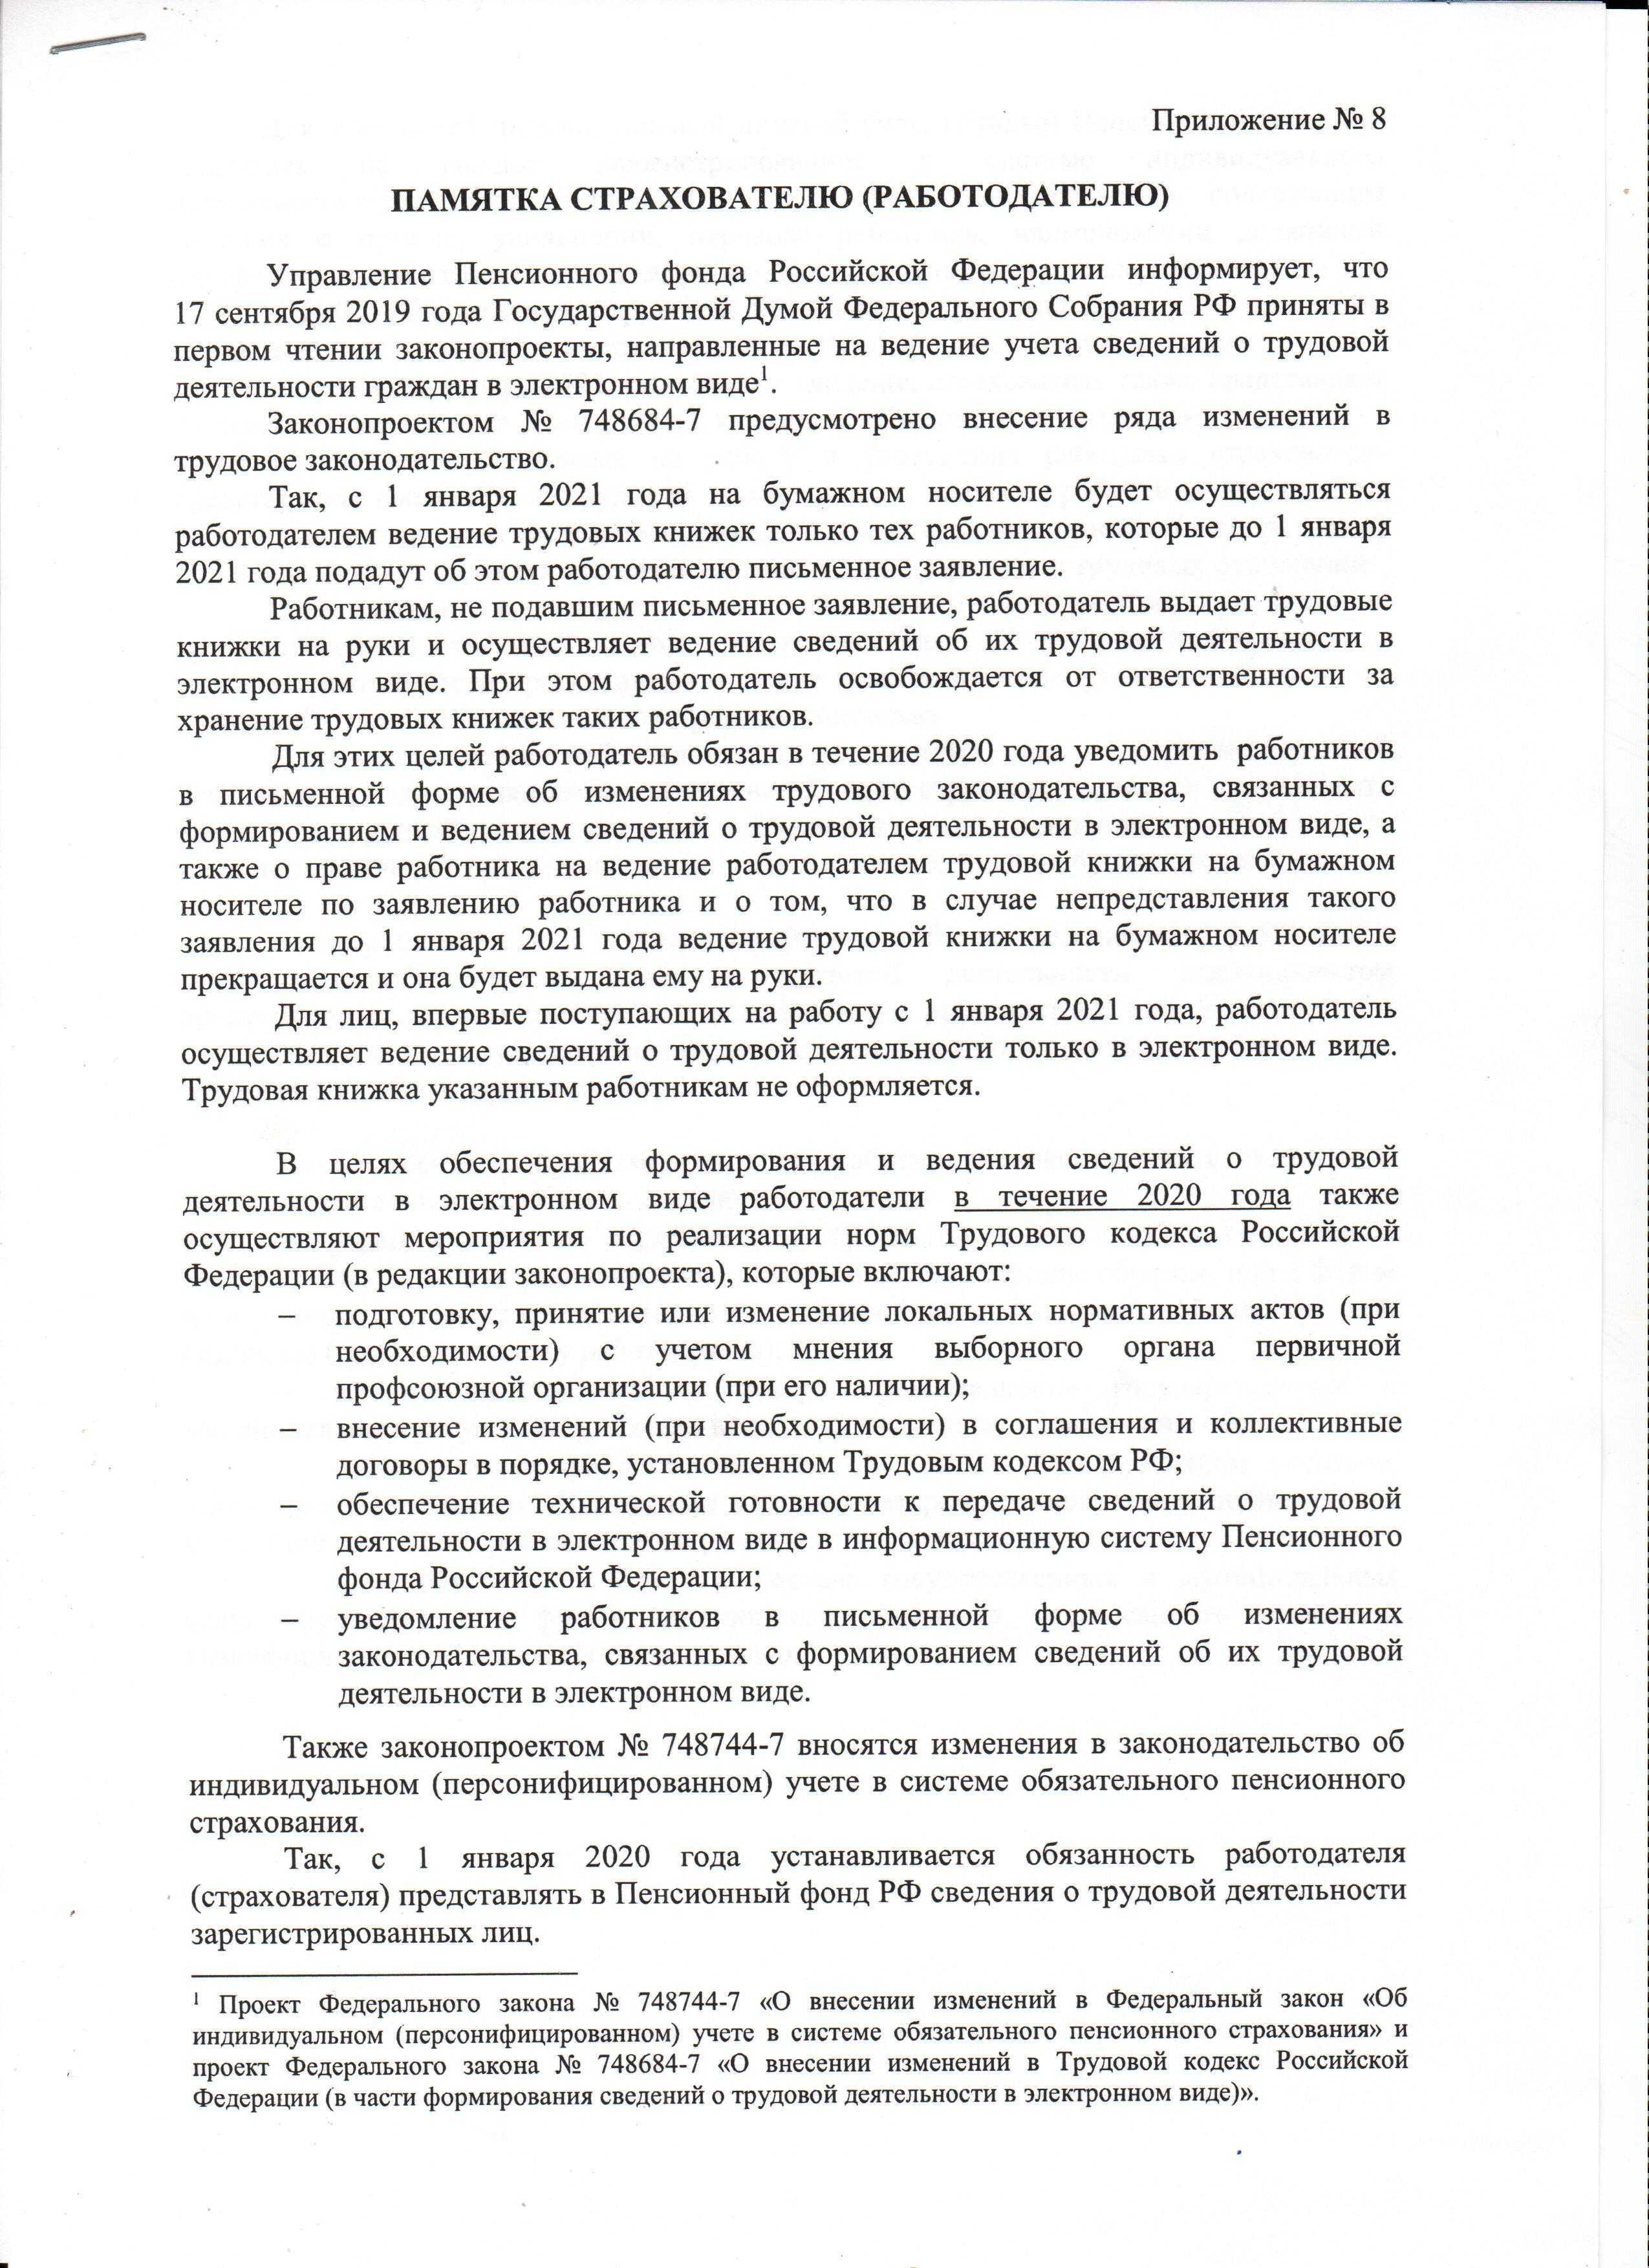 ПАМЯТКА СТРАХОВАТЕЛЮ (РАБОТОДАТЕЛЮ)0001